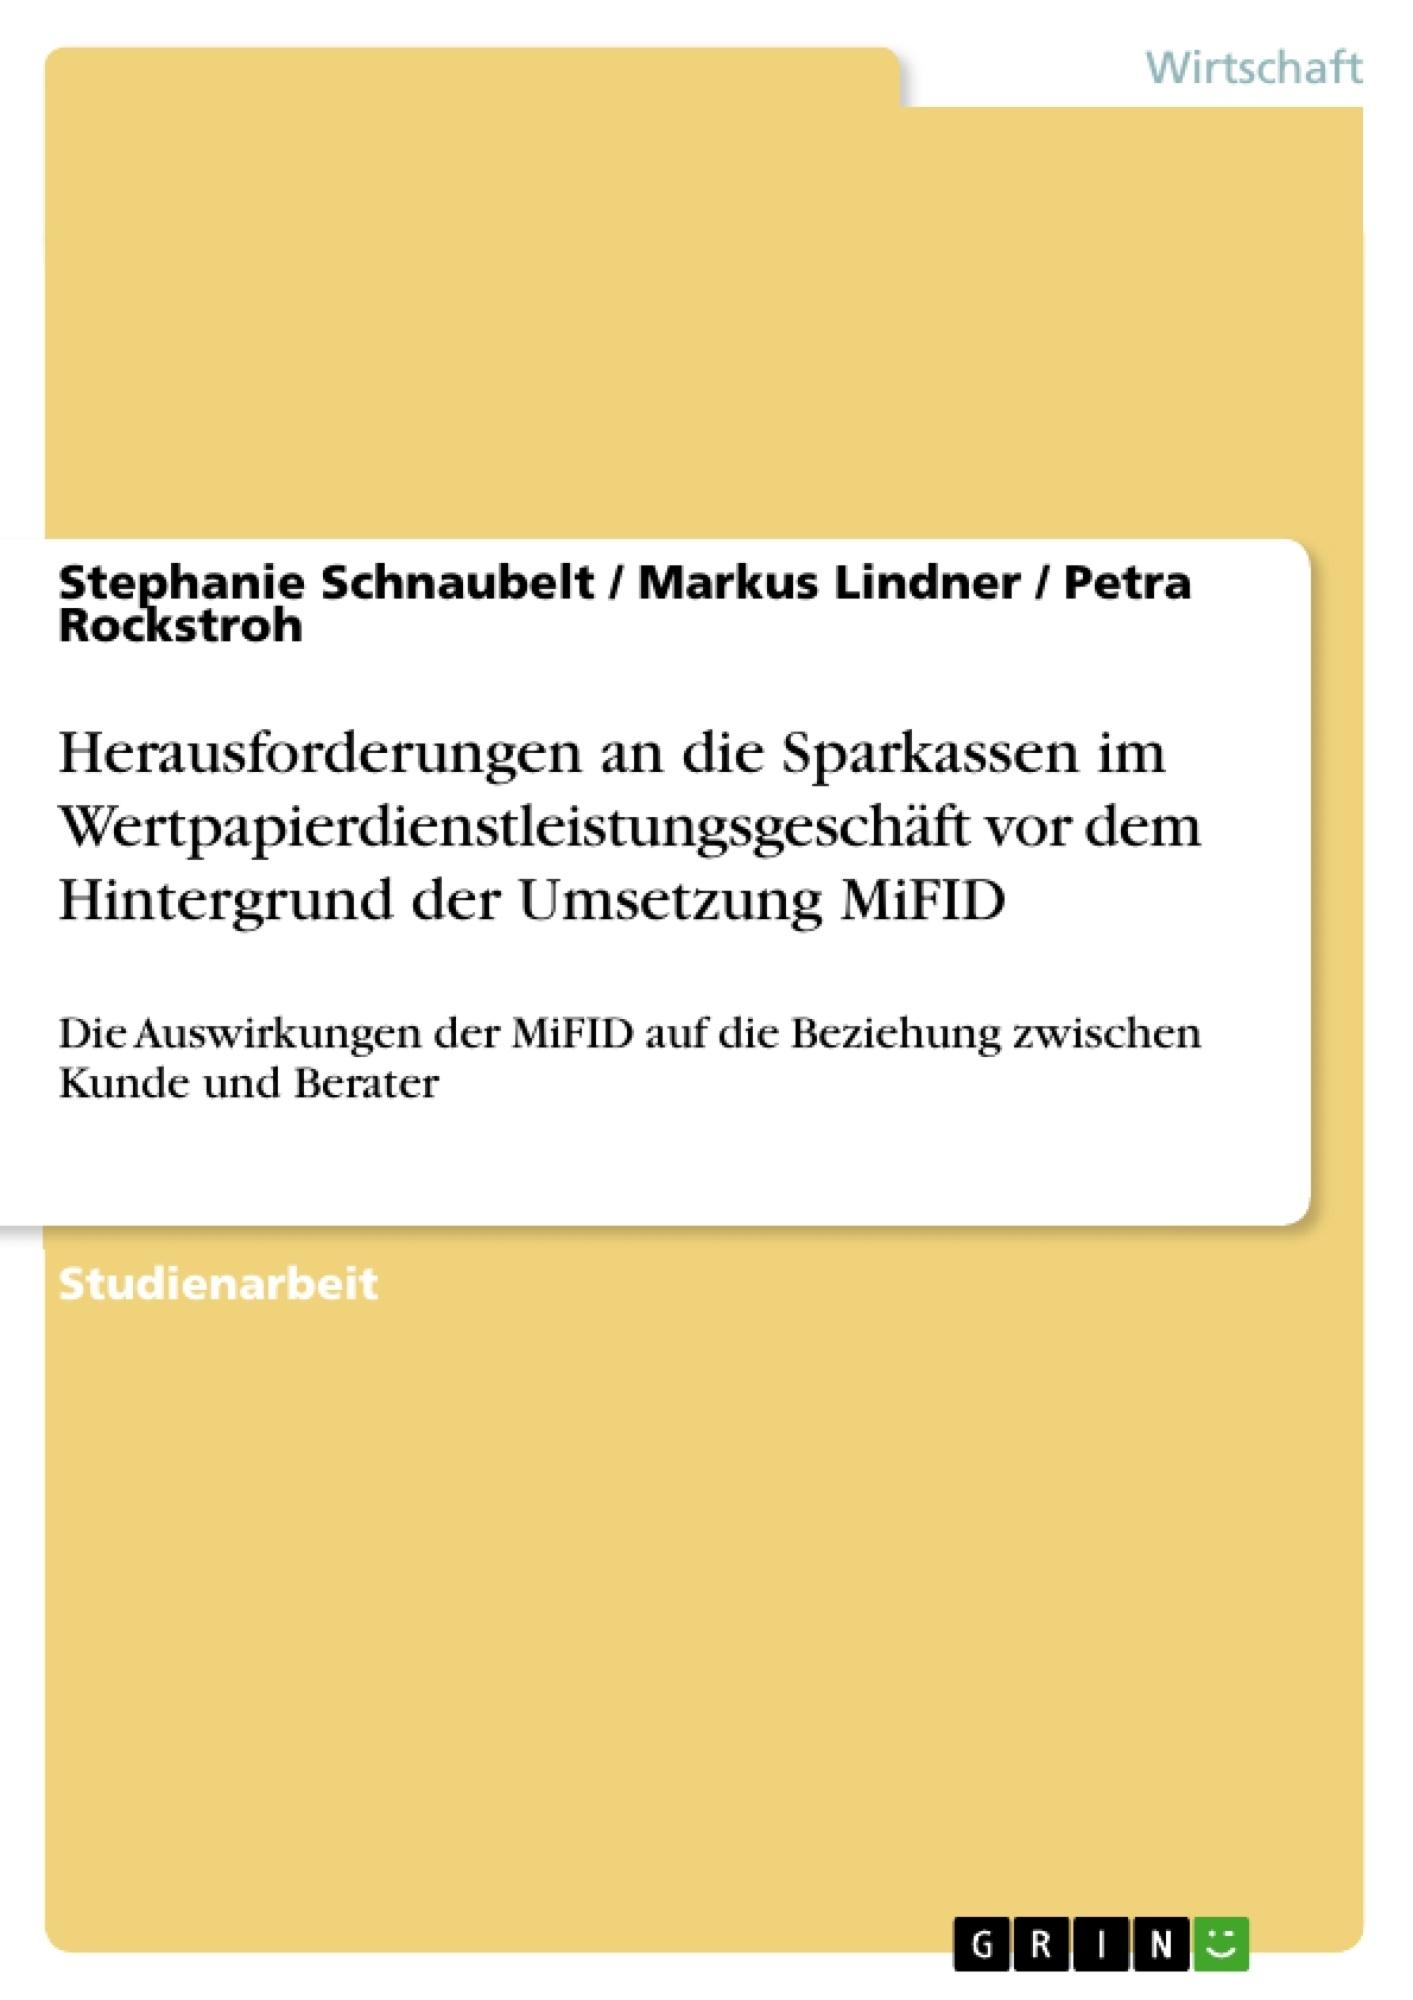 Titel: Herausforderungen an die Sparkassen im Wertpapierdienstleistungsgeschäft vor dem Hintergrund der Umsetzung MiFID